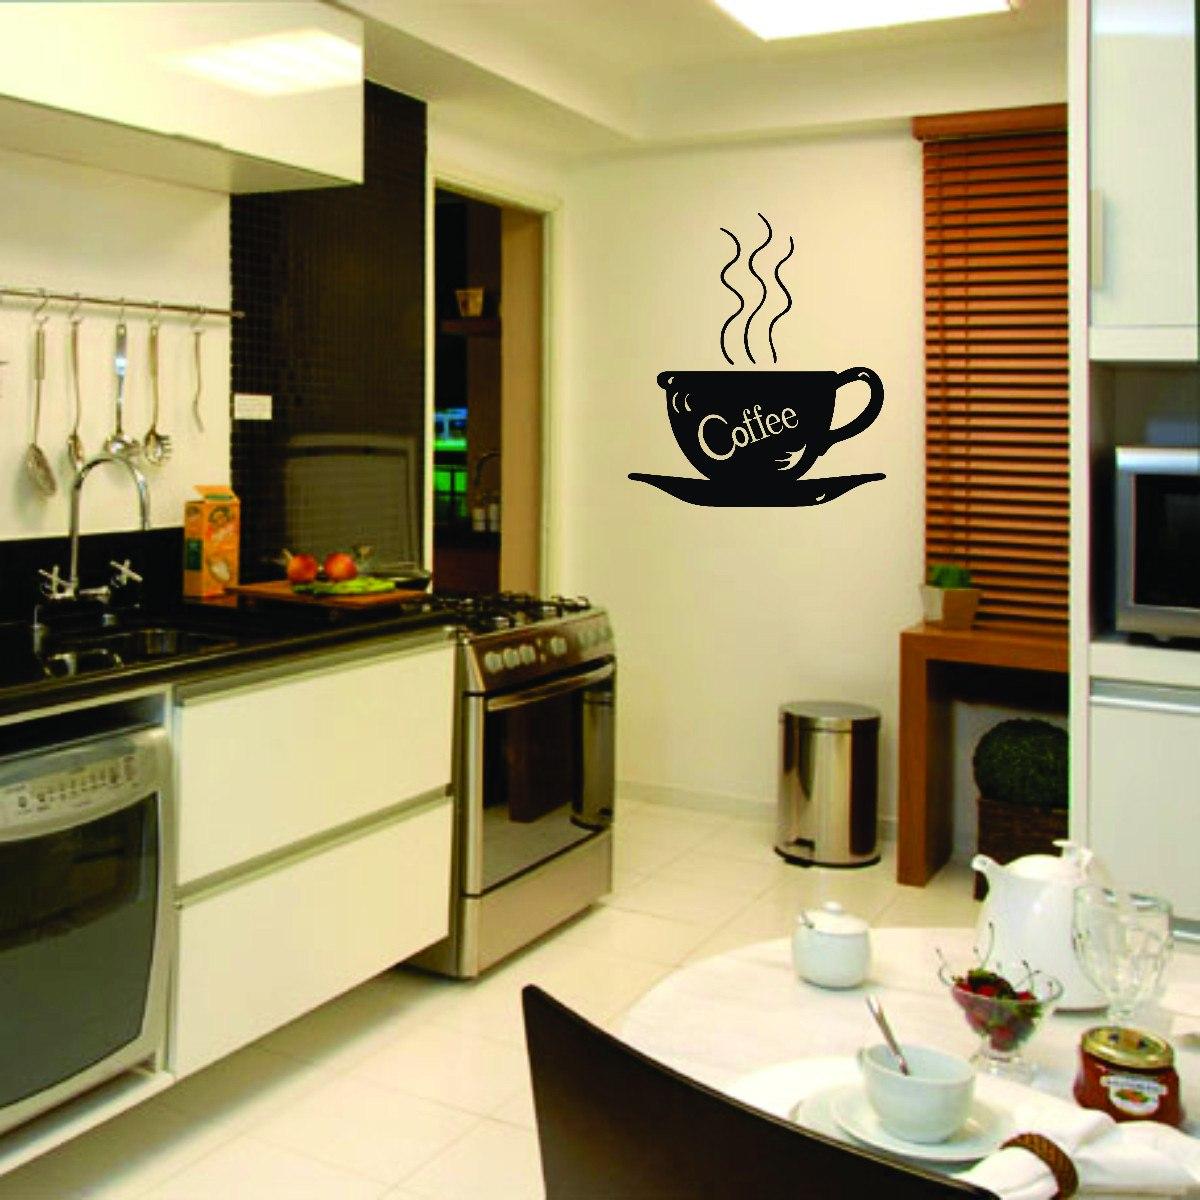 #B64907 Adesivo Decorativo De Parede Cozinha Cafe Coffee Pia Armário R$ 18  1200x1200 px Imagens De Armários De Cozinha_977 Imagens